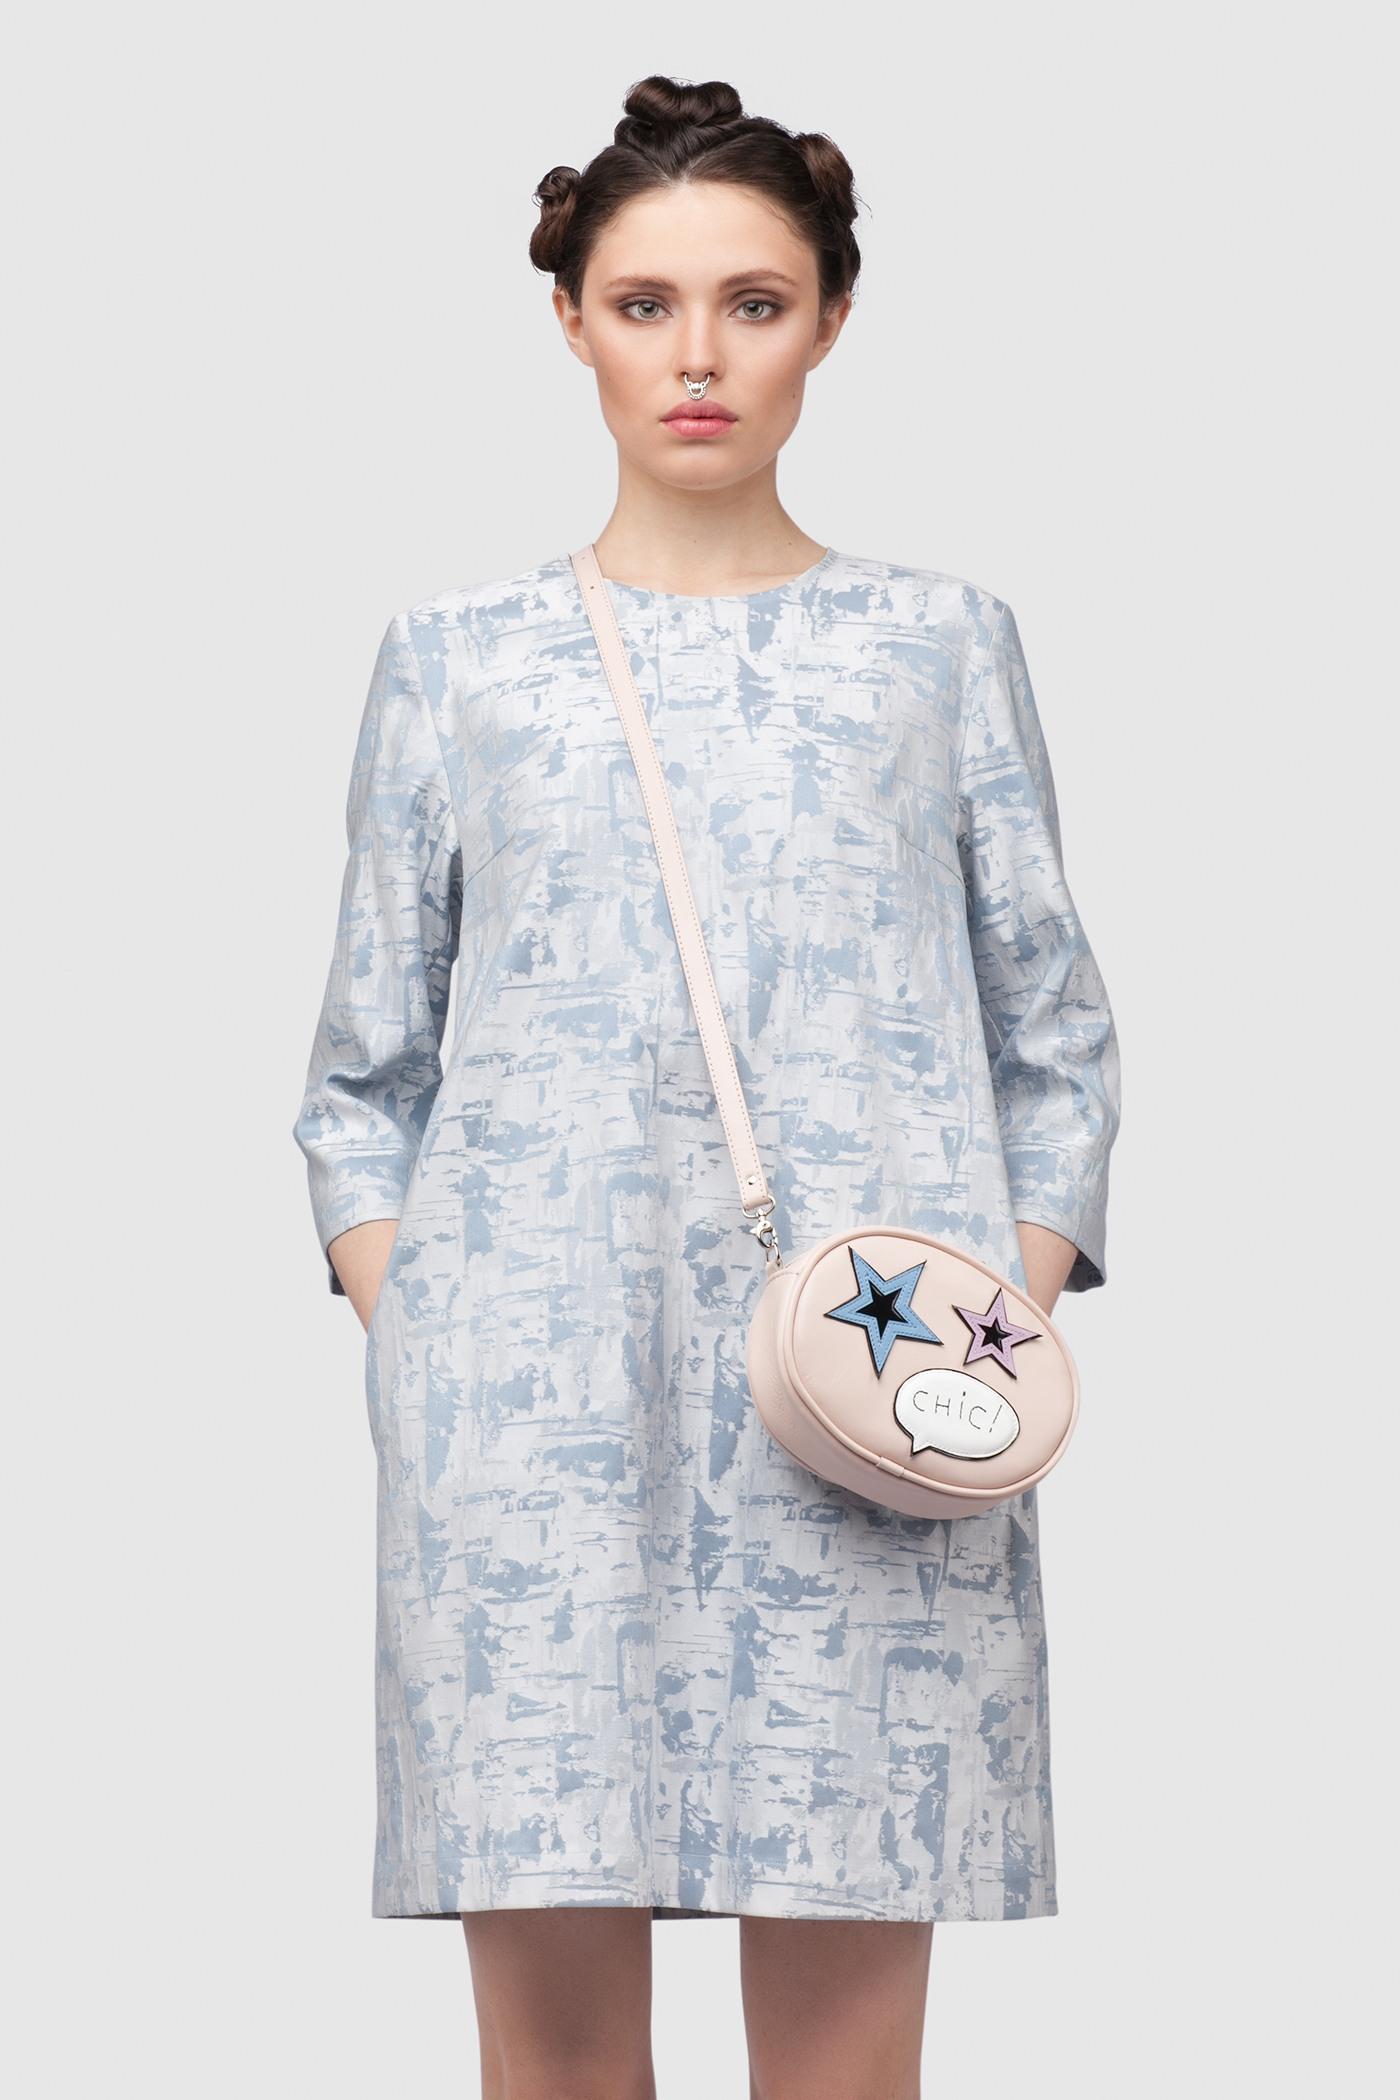 ПлатьеПростое платье-футляр неприталенного силуэта из жаккардовой ткани.&#13;<br>&#13;<br>&#13;<br>рукава 2/3&#13;<br>&#13;<br>имеет карманы в боковых швах&#13;<br>&#13;<br>без подкладки&#13;<br>&#13;<br>длина изделия по спинке 83 см в ростовке 164-170 см., длина может изменятся в зависимости от размера и ростовки&#13;<br>&#13;<br>размер и другие нюансы уточняются при заказе, мы с вами связываемся по указному вами номеру телефона<br><br>Цвет: Голубой жаккард<br>Размер: XS, S, M, L